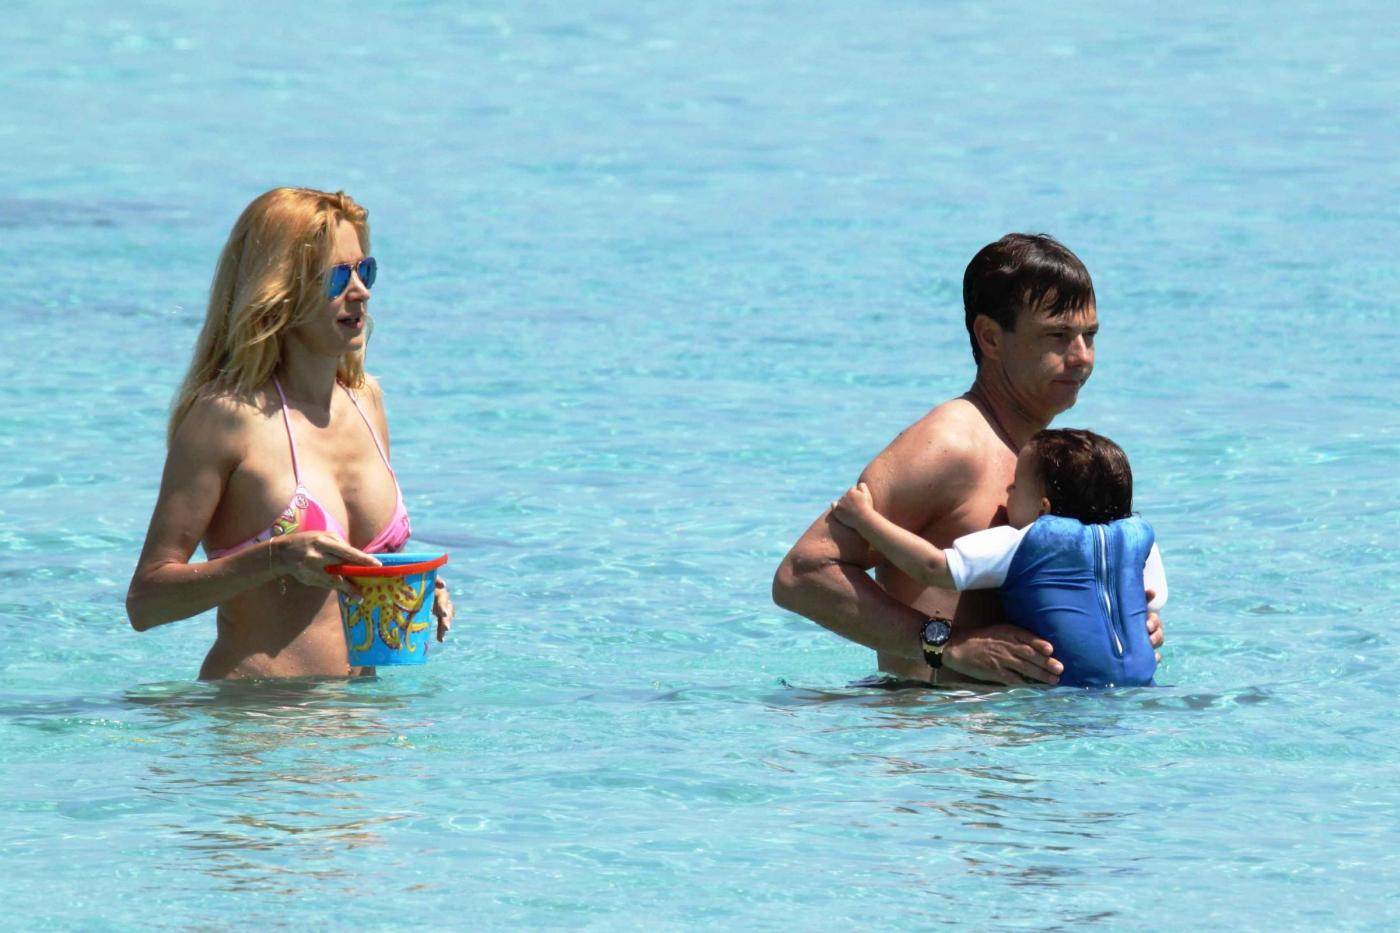 Adriana Volpe con marito e figlia in spiaggia a Formentera08